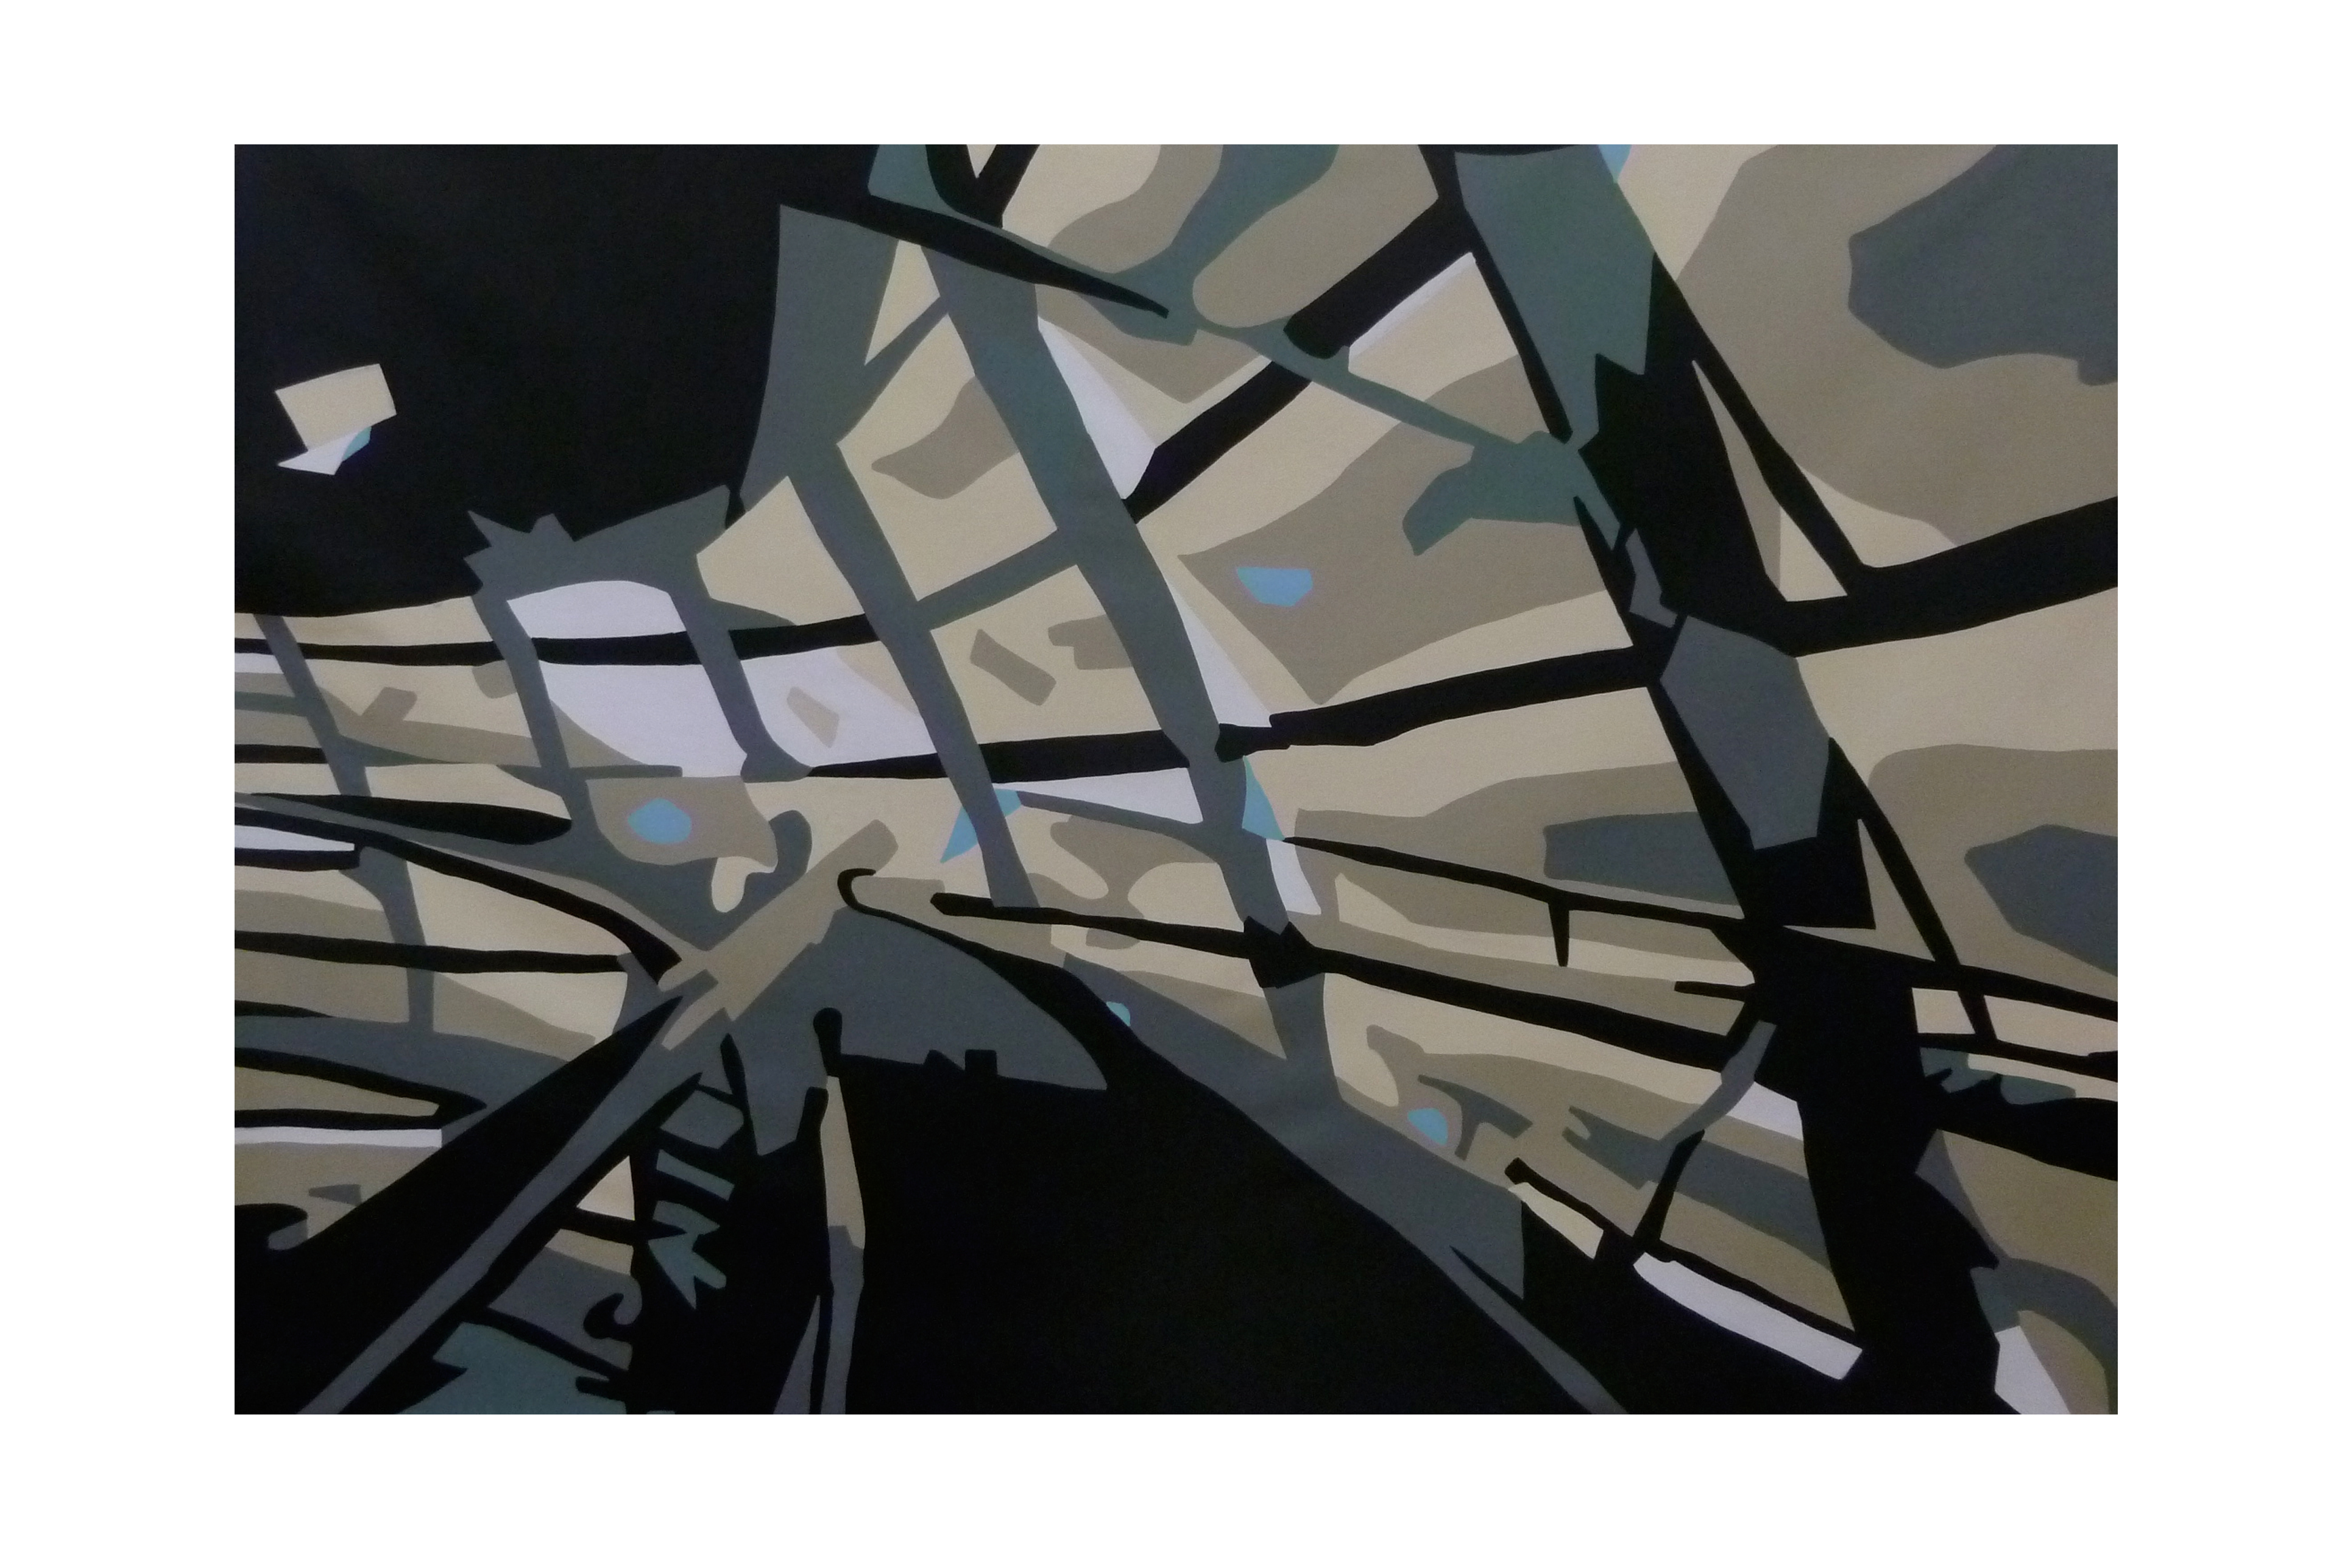 2012 - acryl op linnen 140x200